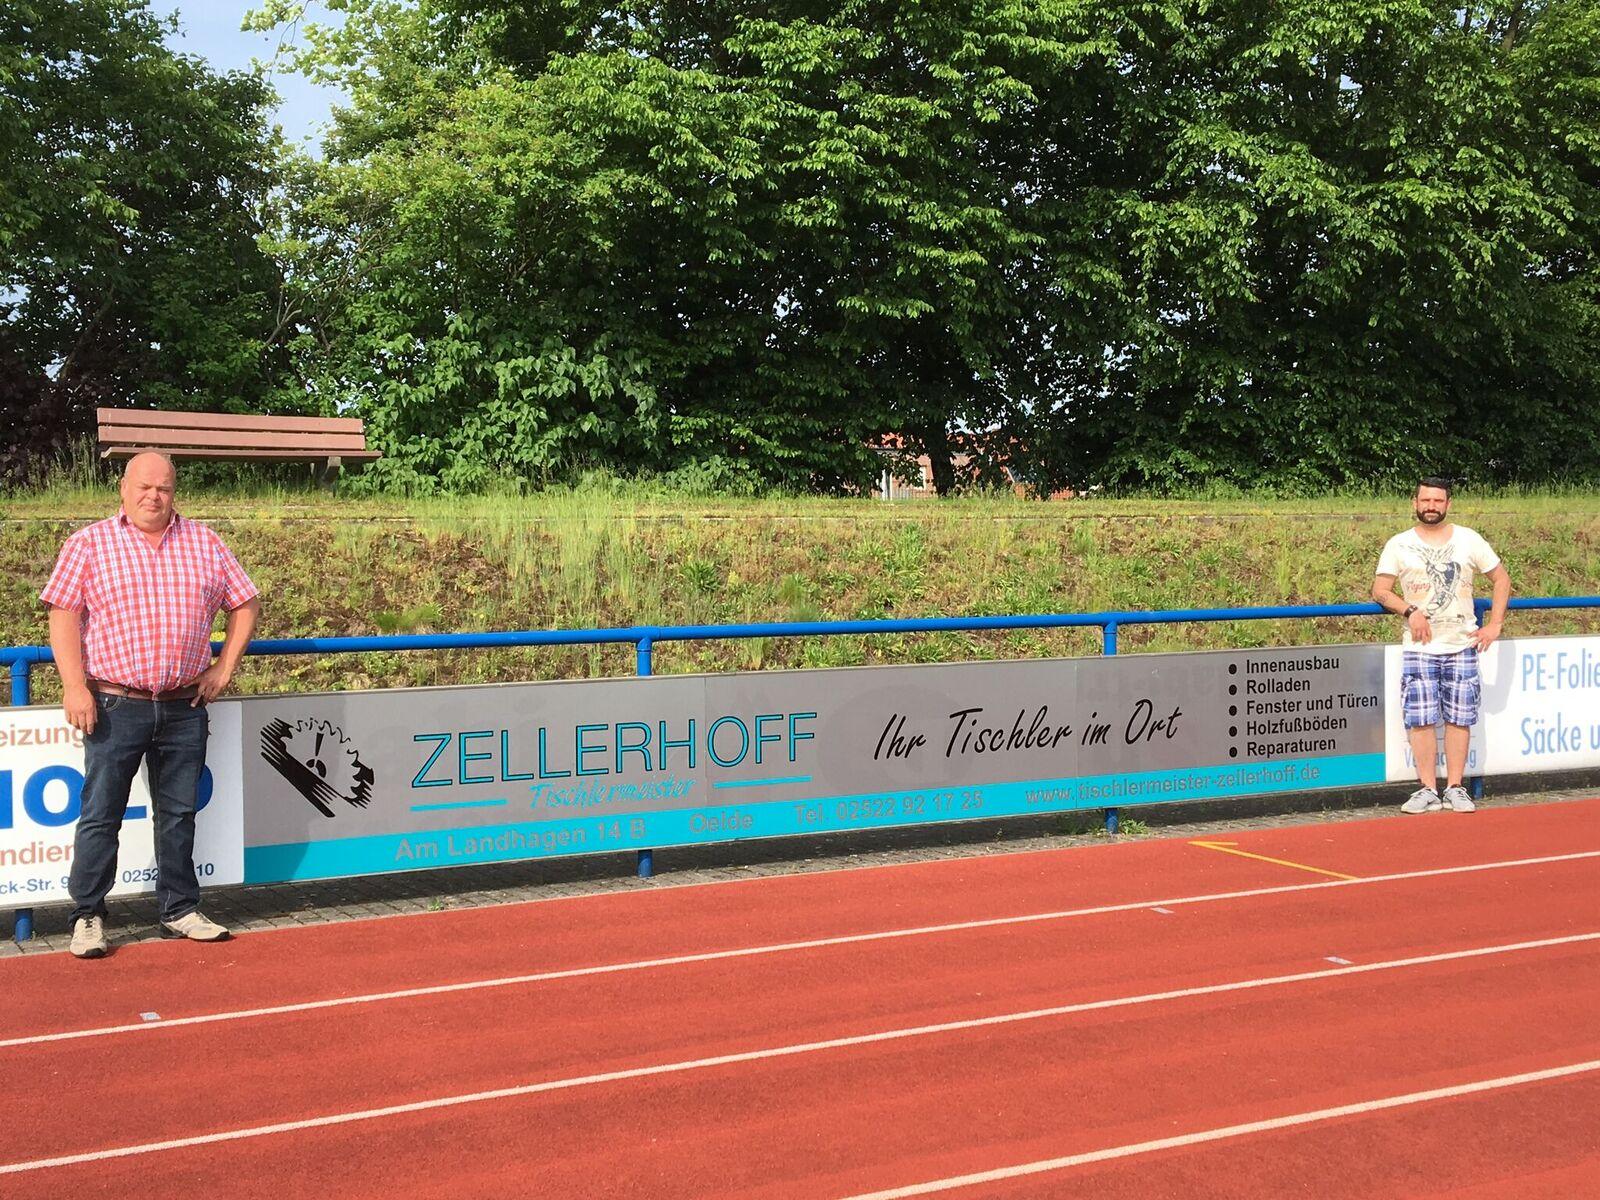 Spielvereinigung bedankt sich bei Zellerhoff und der Sparkasse